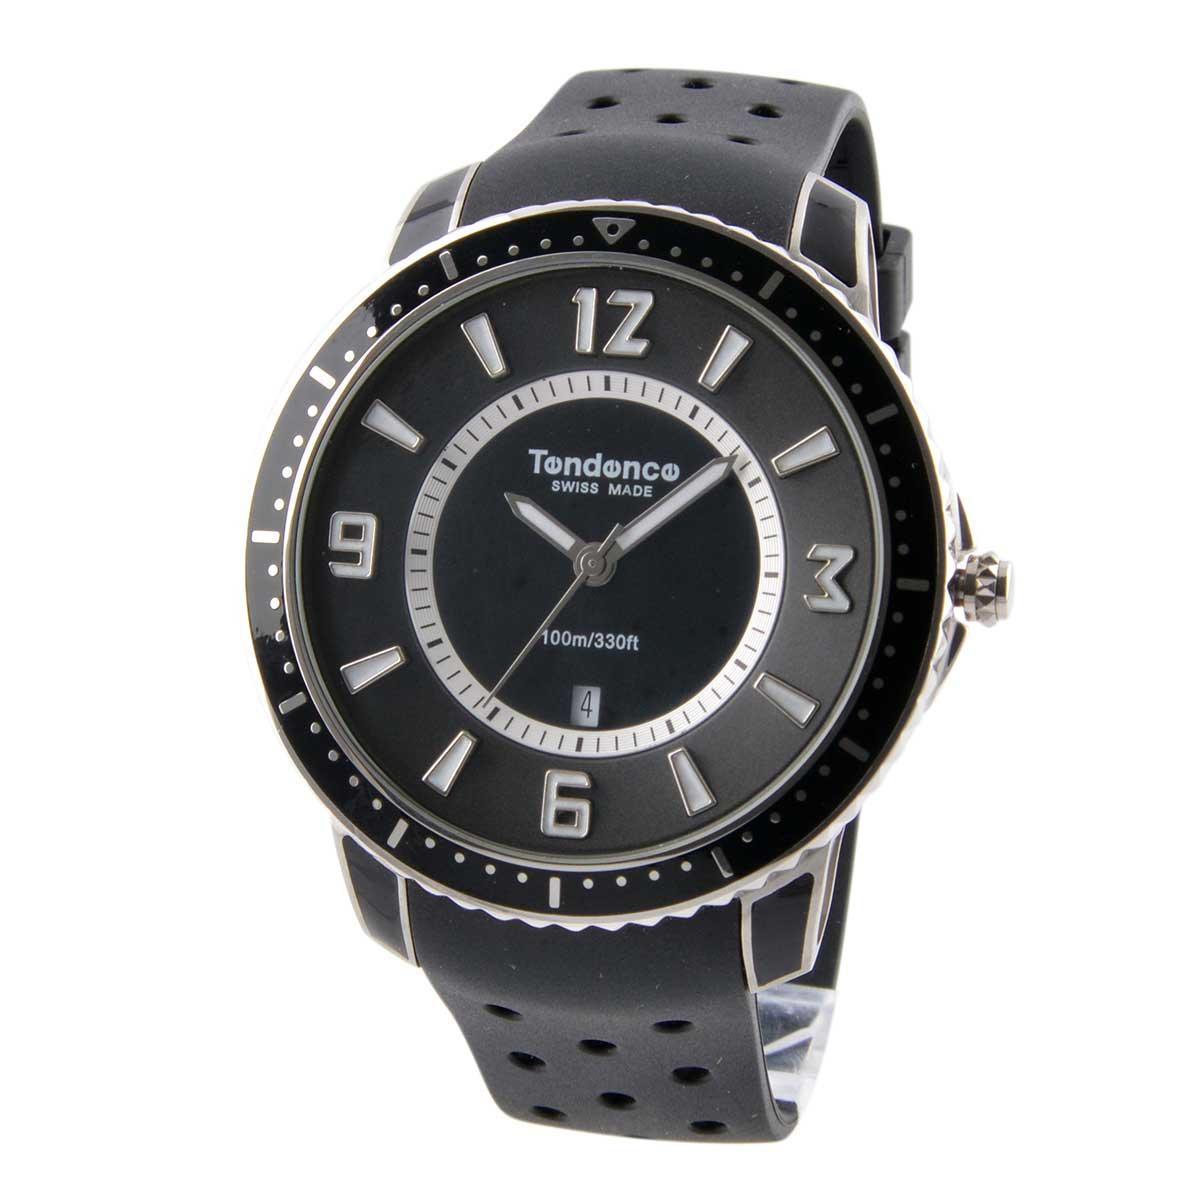 テンデンス TENDENCE スリムスポーツ スイスメイド TDTG152003 ユニセックス メンズ レディース 腕時計